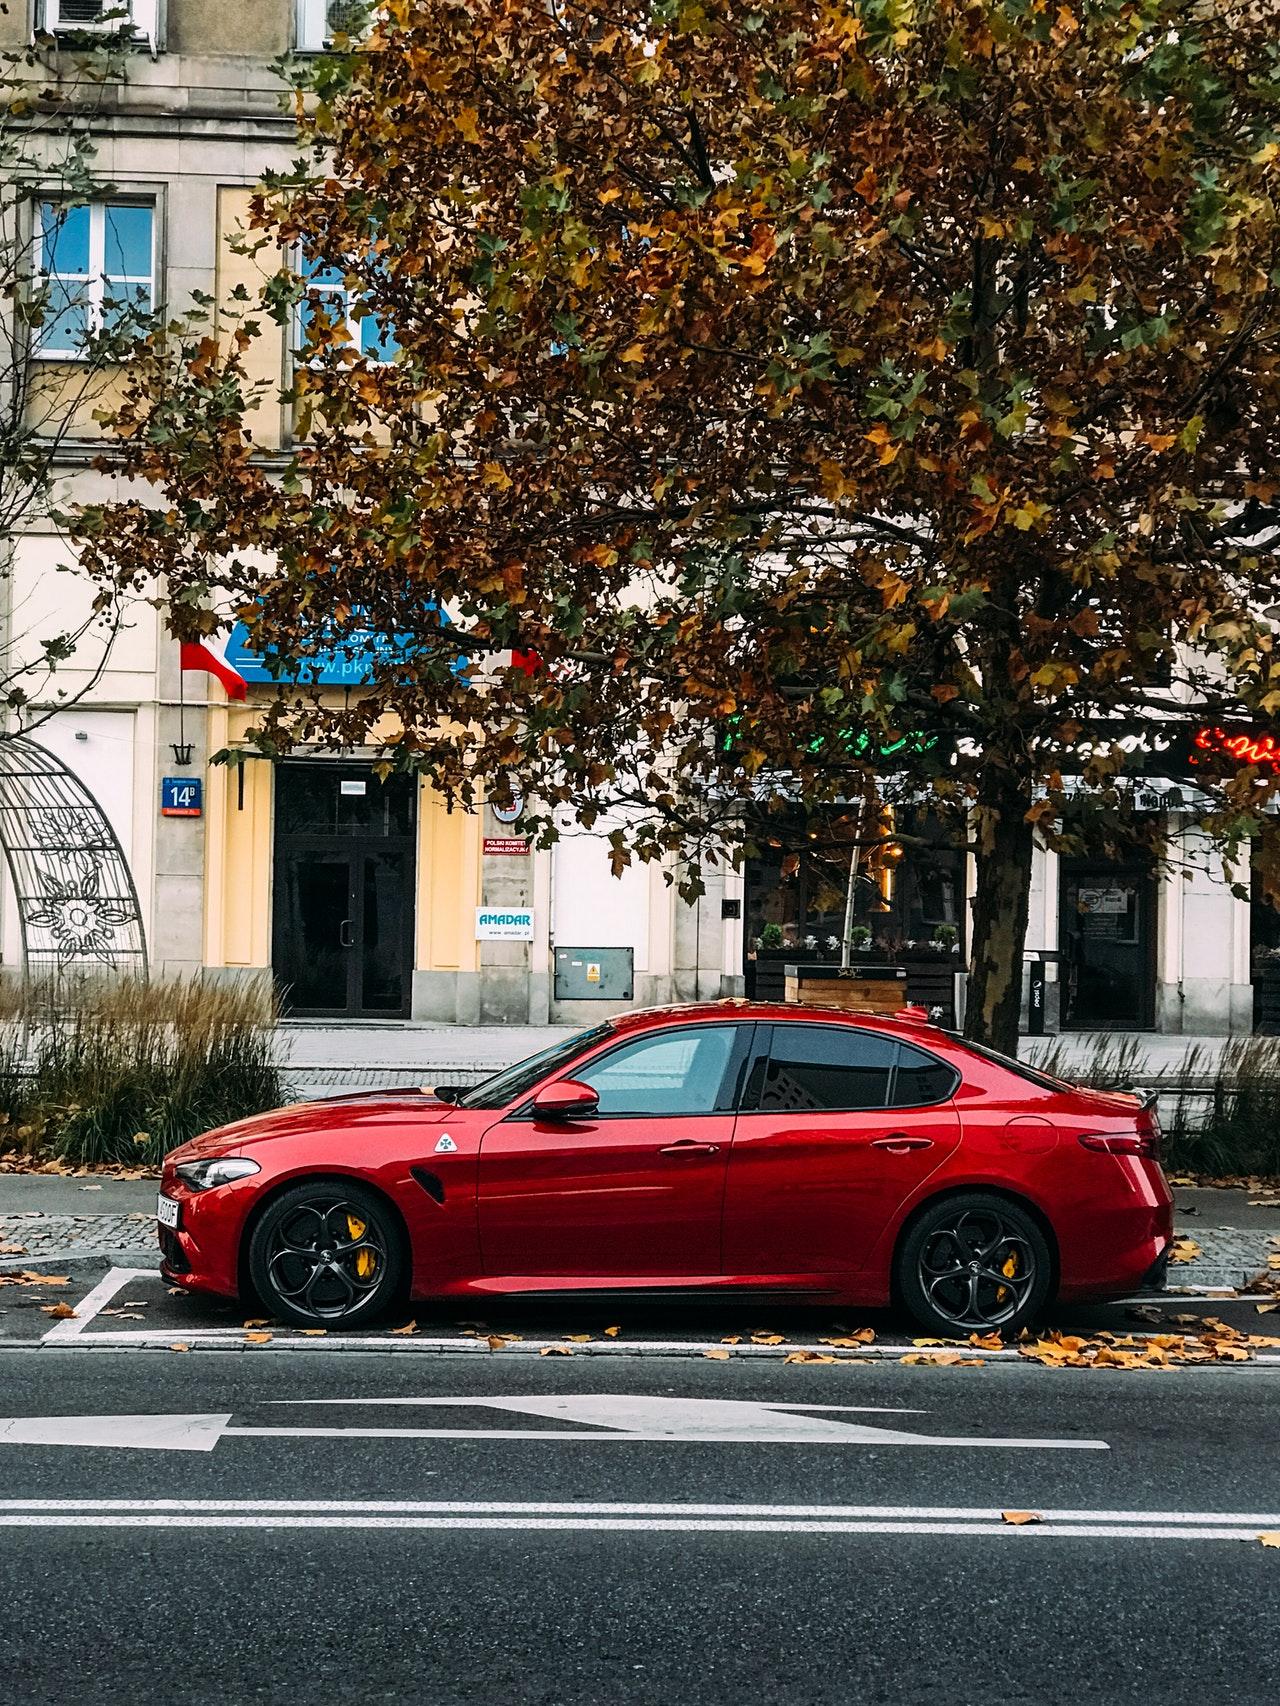 Auto color rojo estacionado